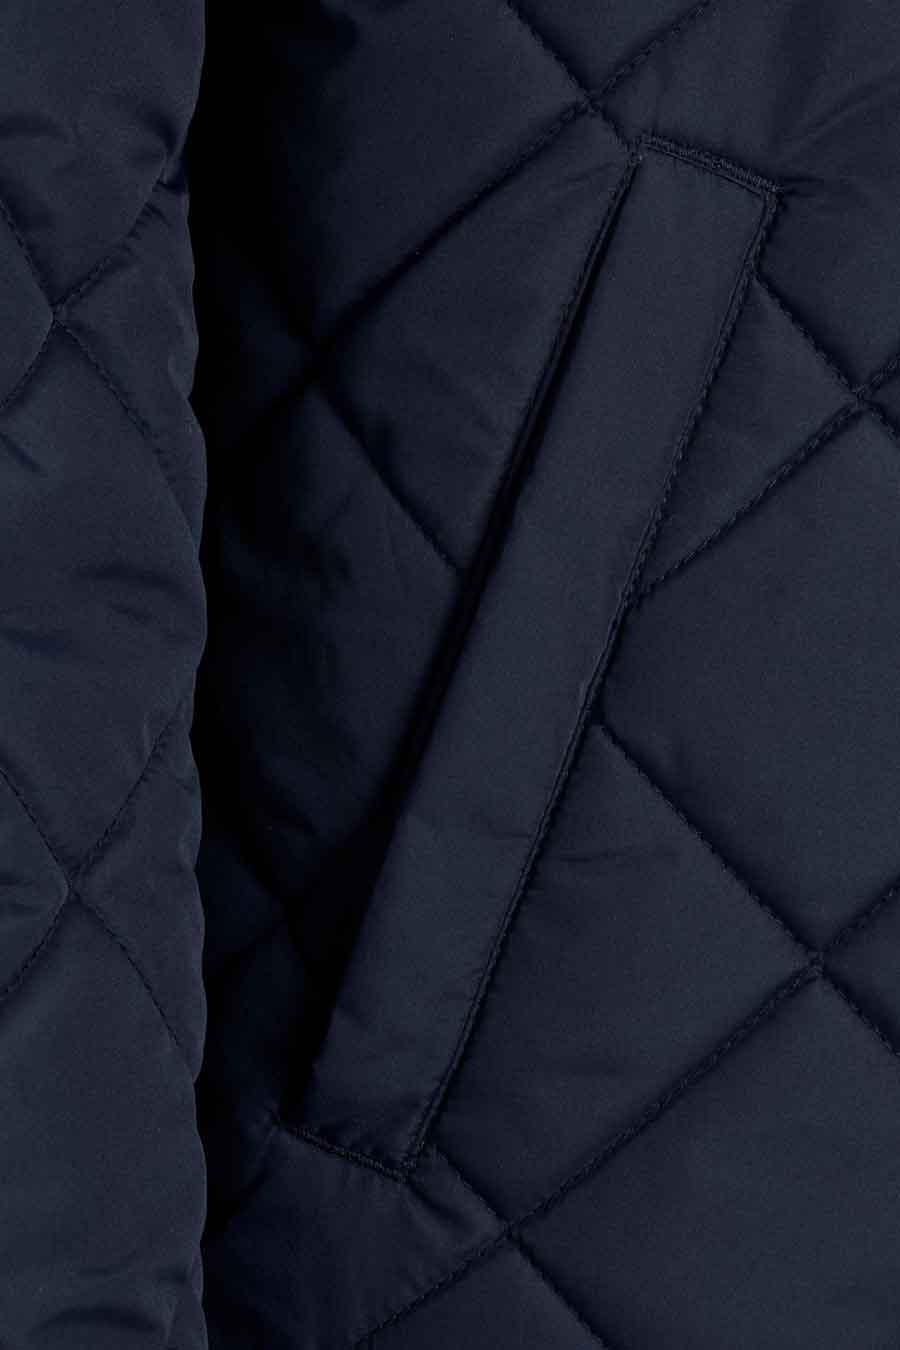 PREMIUM BLUE by JACK & JONES Jas kort, Blauw, Heren, Maat: M/S